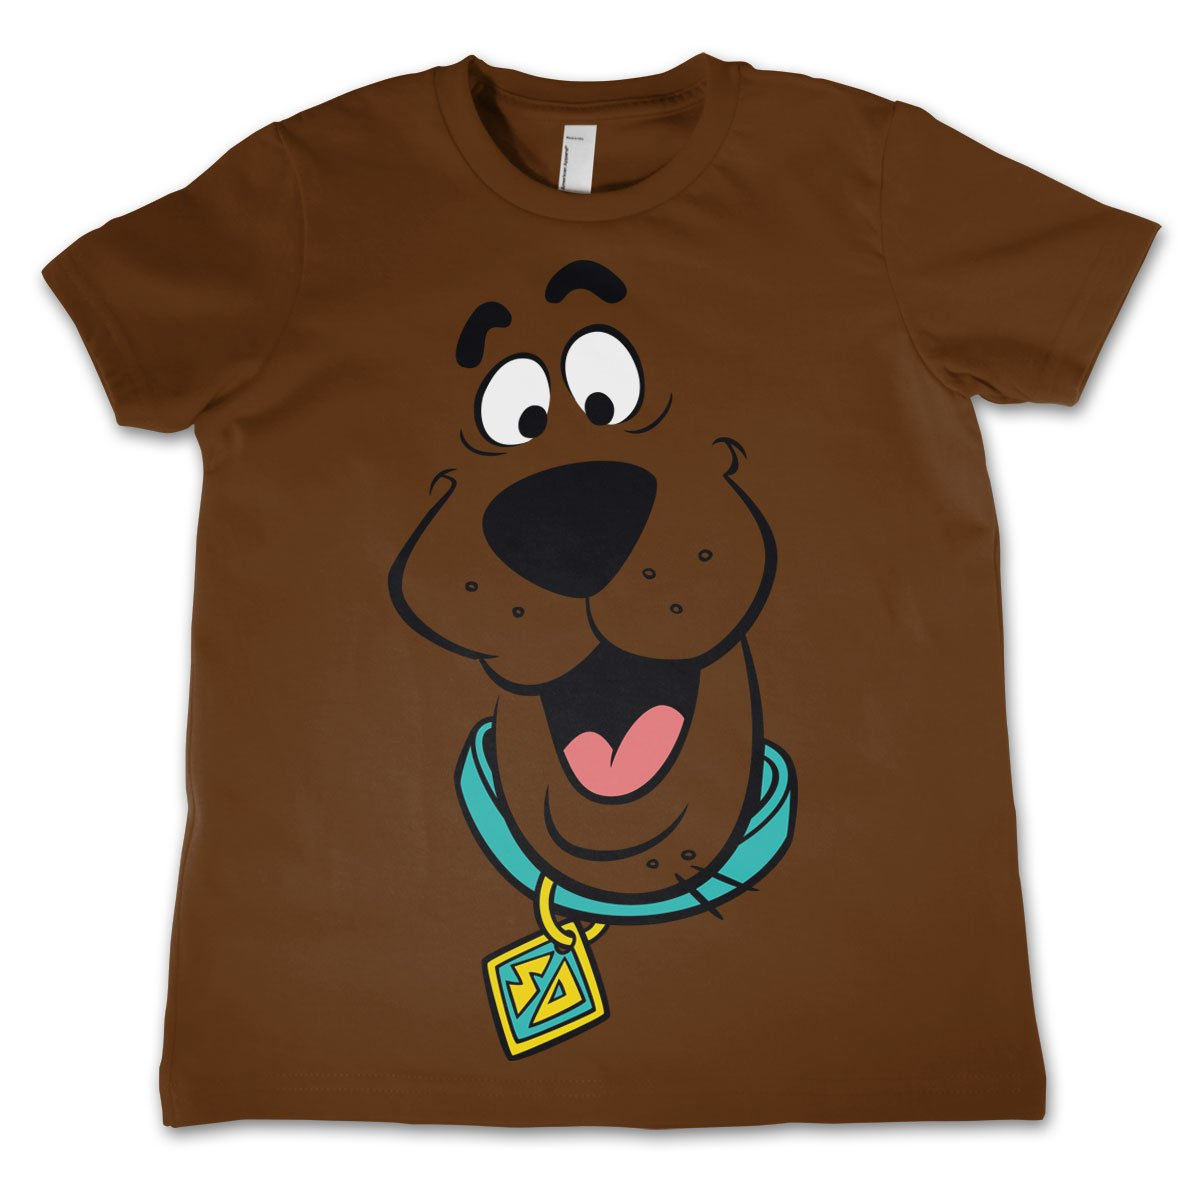 Scooby Doo Licenza Ufficiale Face Unisex Bambino Maglietta et/à 3-12 Anni